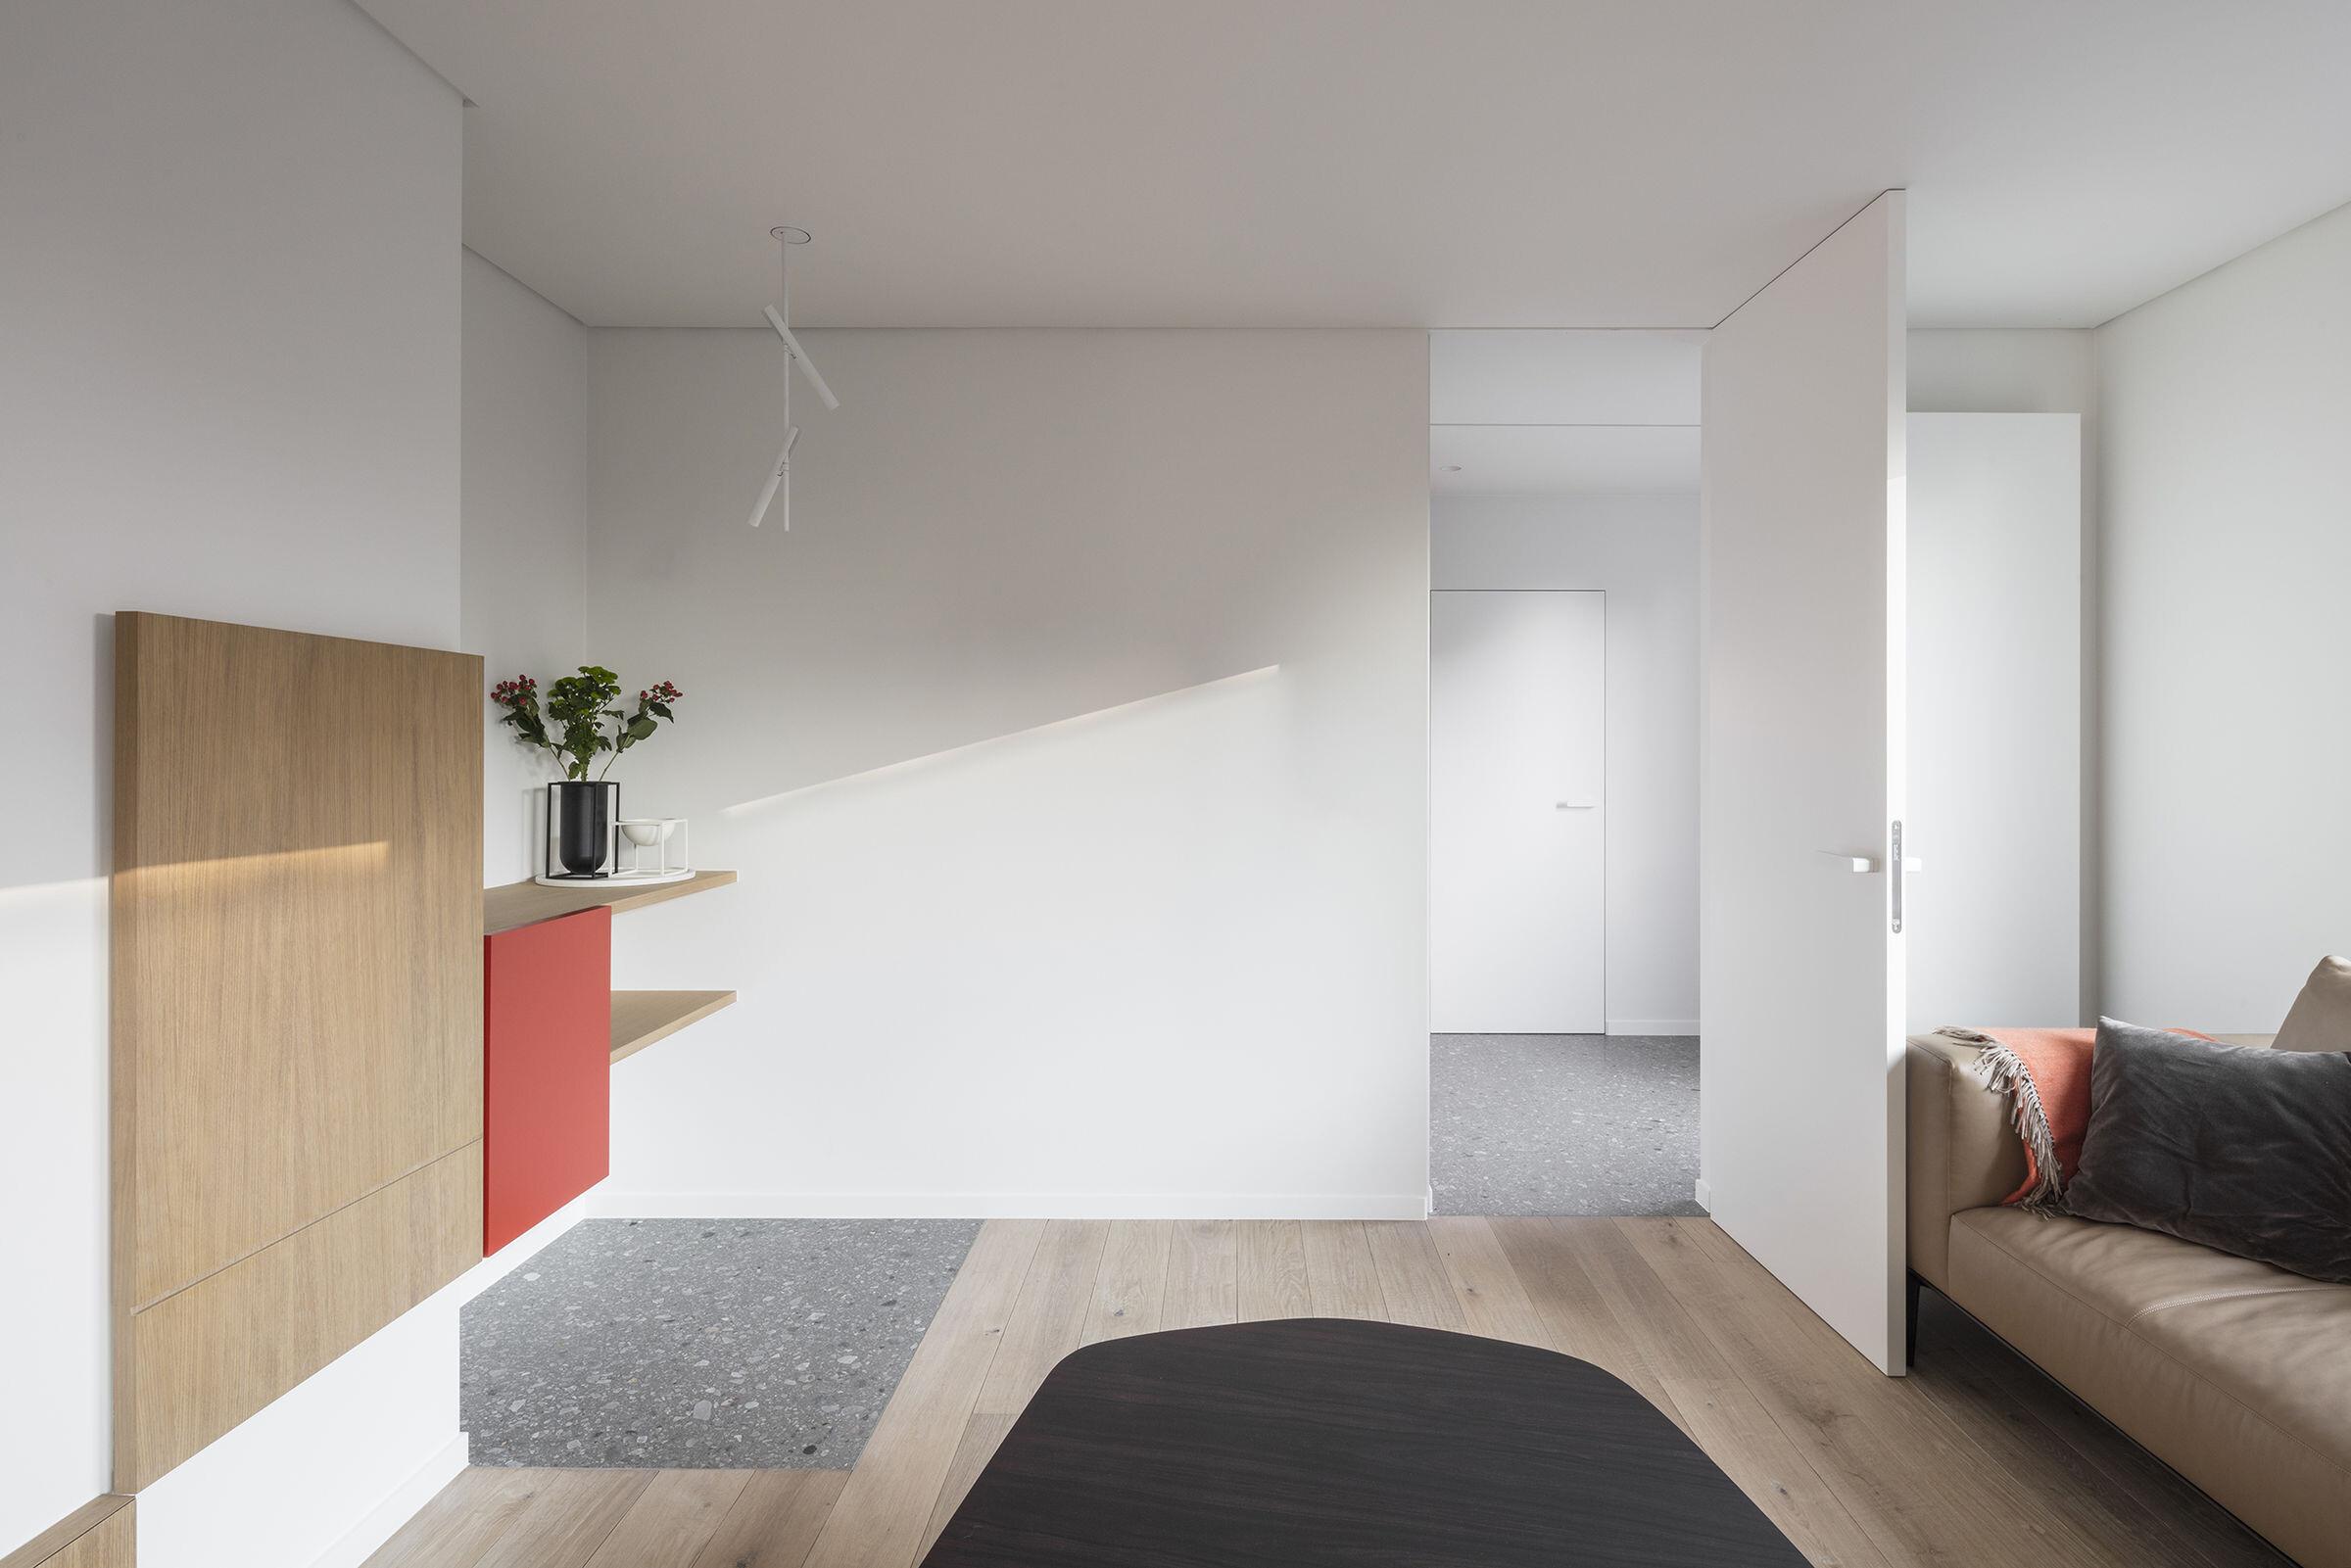 Klou Architecten